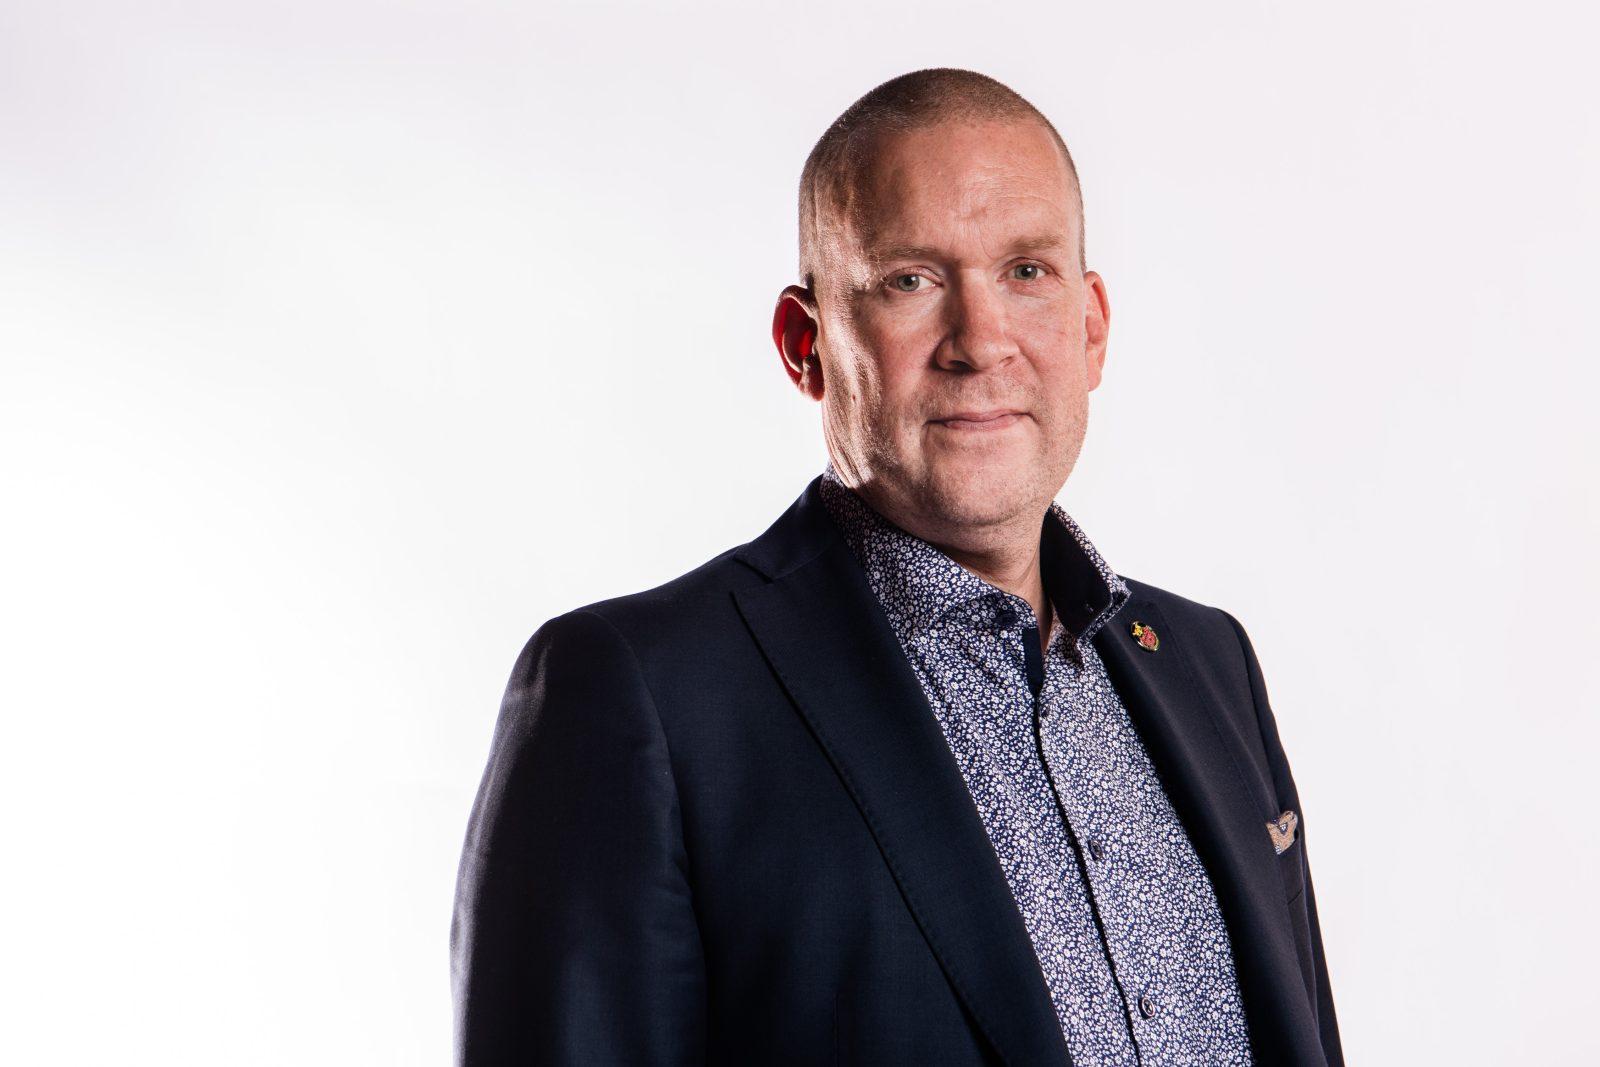 """CHL-LOTTNINGEN: """"Skuggan"""" Nilsson om Luleås lottning"""